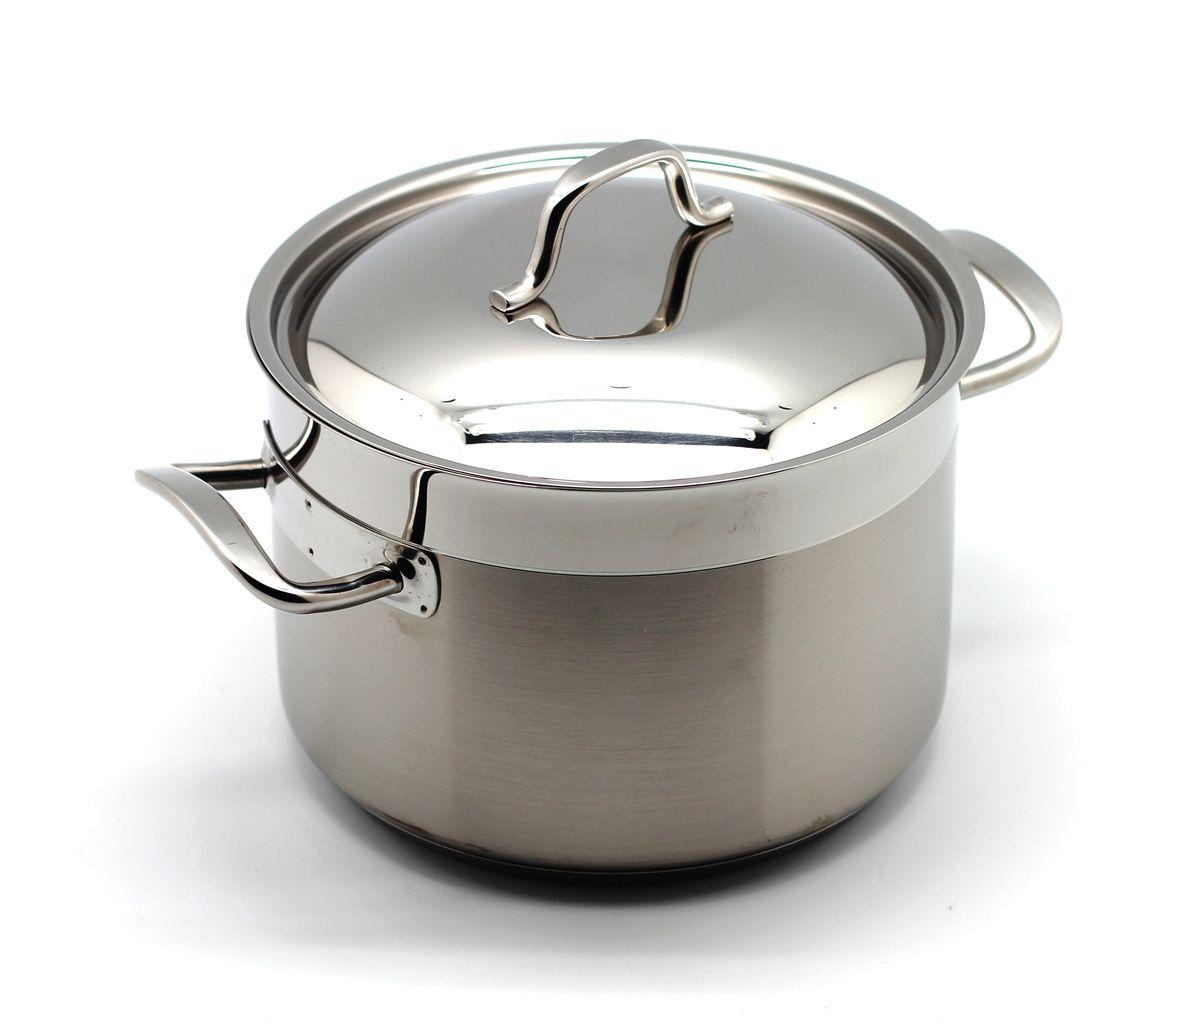 Кастрюля глубокая Julia Vysotskaya PRO, цвет: металл, 3л. 632125646618J632125646618JКастрюля изготовлена из нержавеющей стали, сплав хрома и никеля 18/10. Оснащена специальным диском – Impact Disk. Посуда удобна в применении и подходит для использования всех видов плит (газовые, электрических, керамических и индукционных), можно мыть в посудомоечной машине с использованием не абразивных чистящих средств. Благодаря тройному дну, тепло распределяется равномерно по всей поверхности, ручки не нагреваются . Пища оставленная в этой посуде остается теплой несколько часов. Дизайн посуды разработан совместно со студией Юлии Высоцкой.